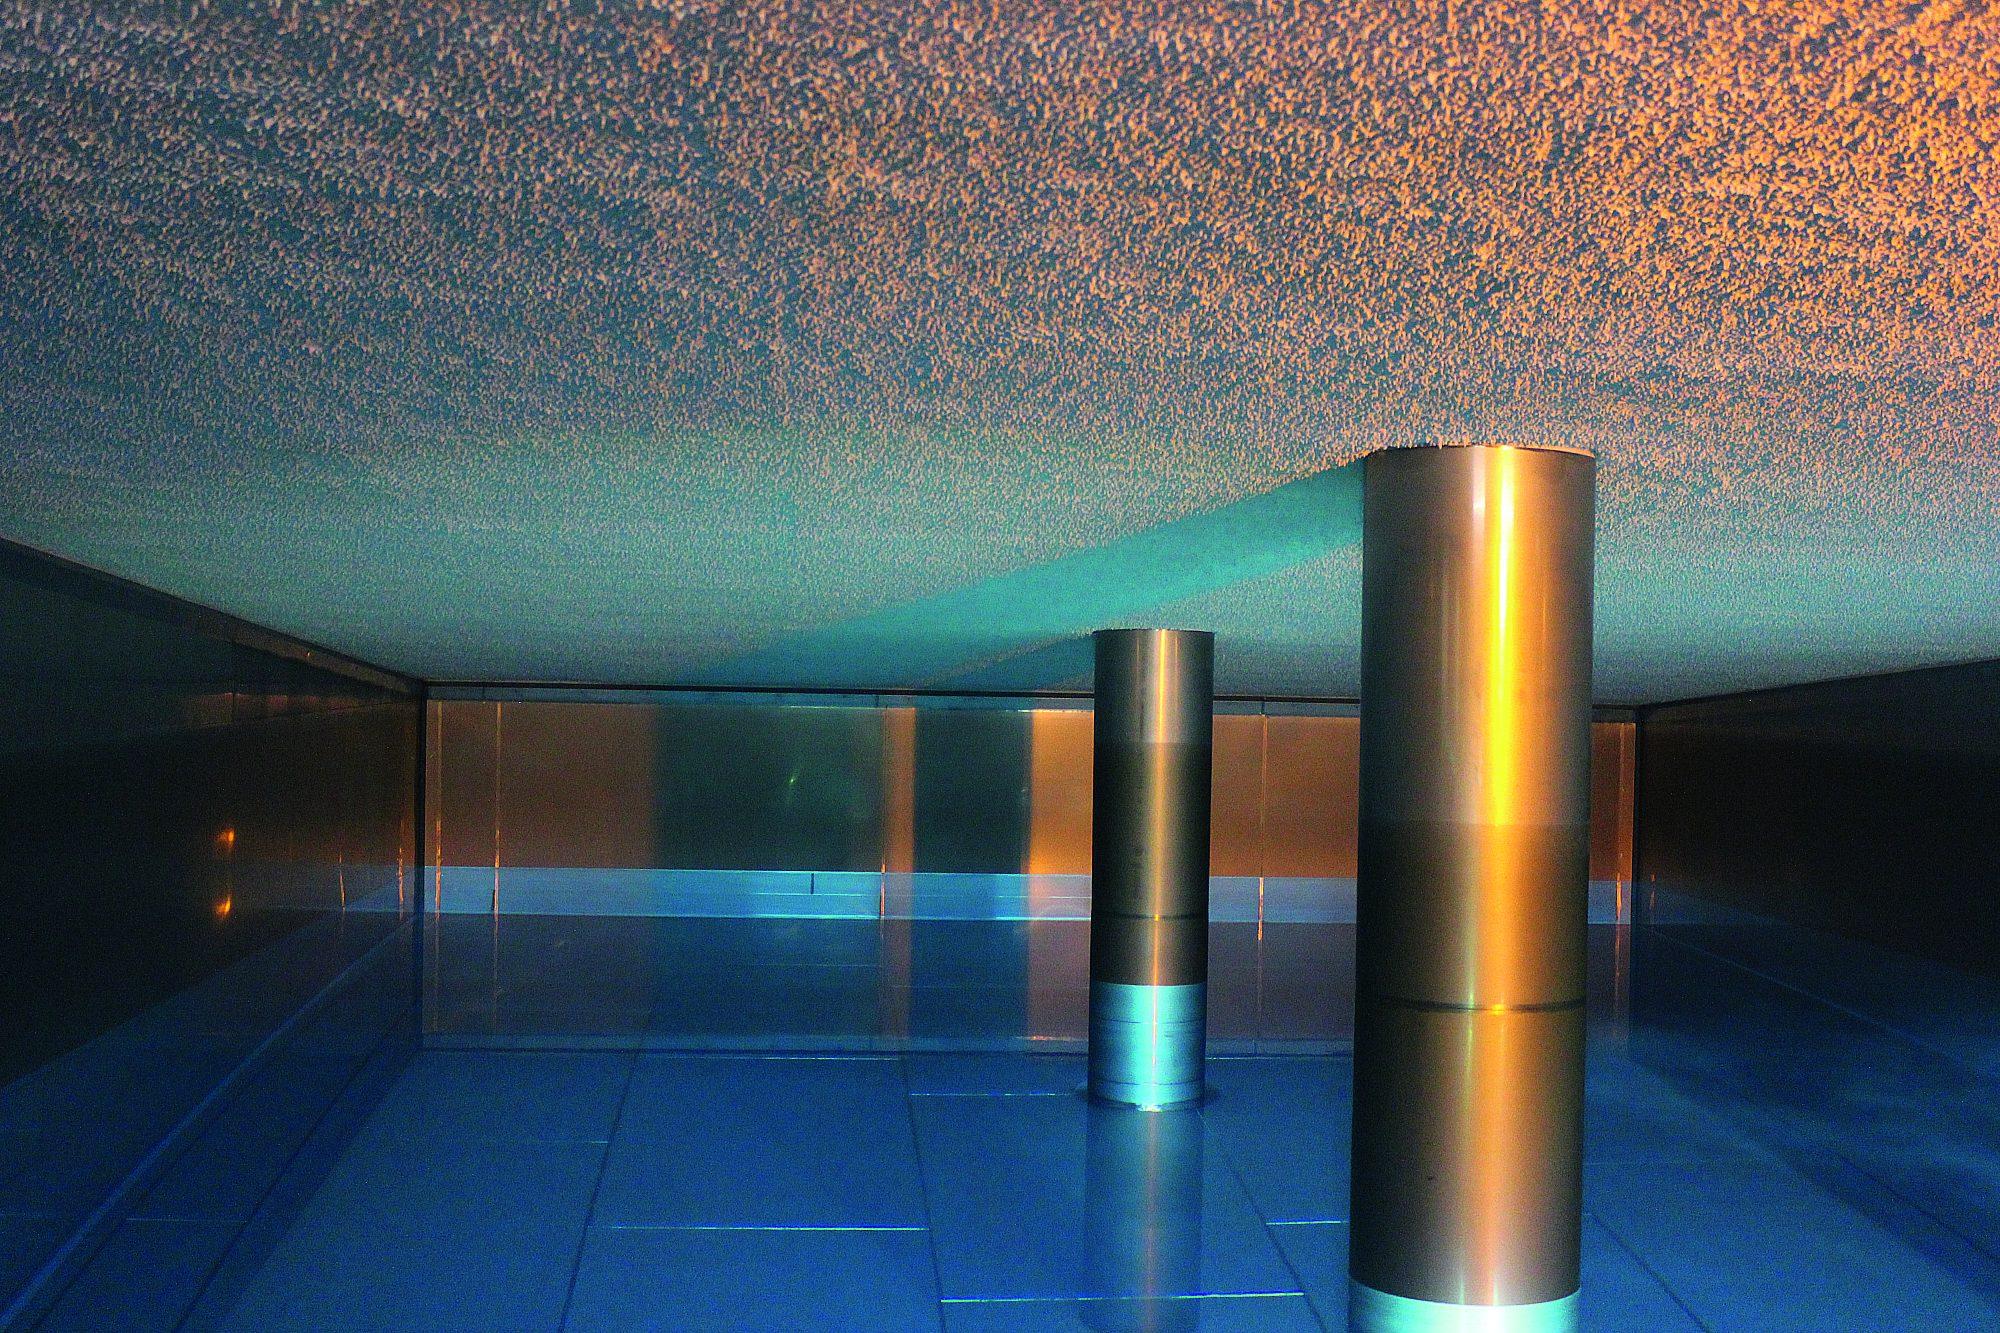 Einblick in eine Wasserkammer, die etwa zur Hälfte mit klarem Wasser gefüllt ist.